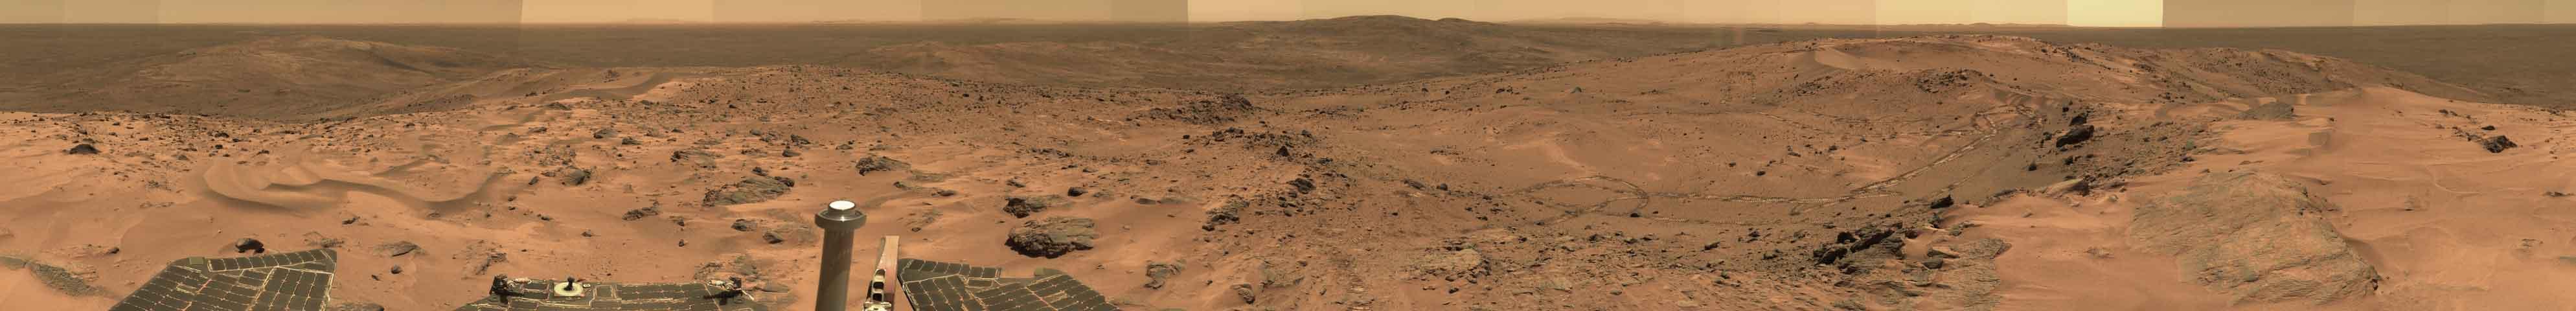 La panorámica «Everest» de Marte